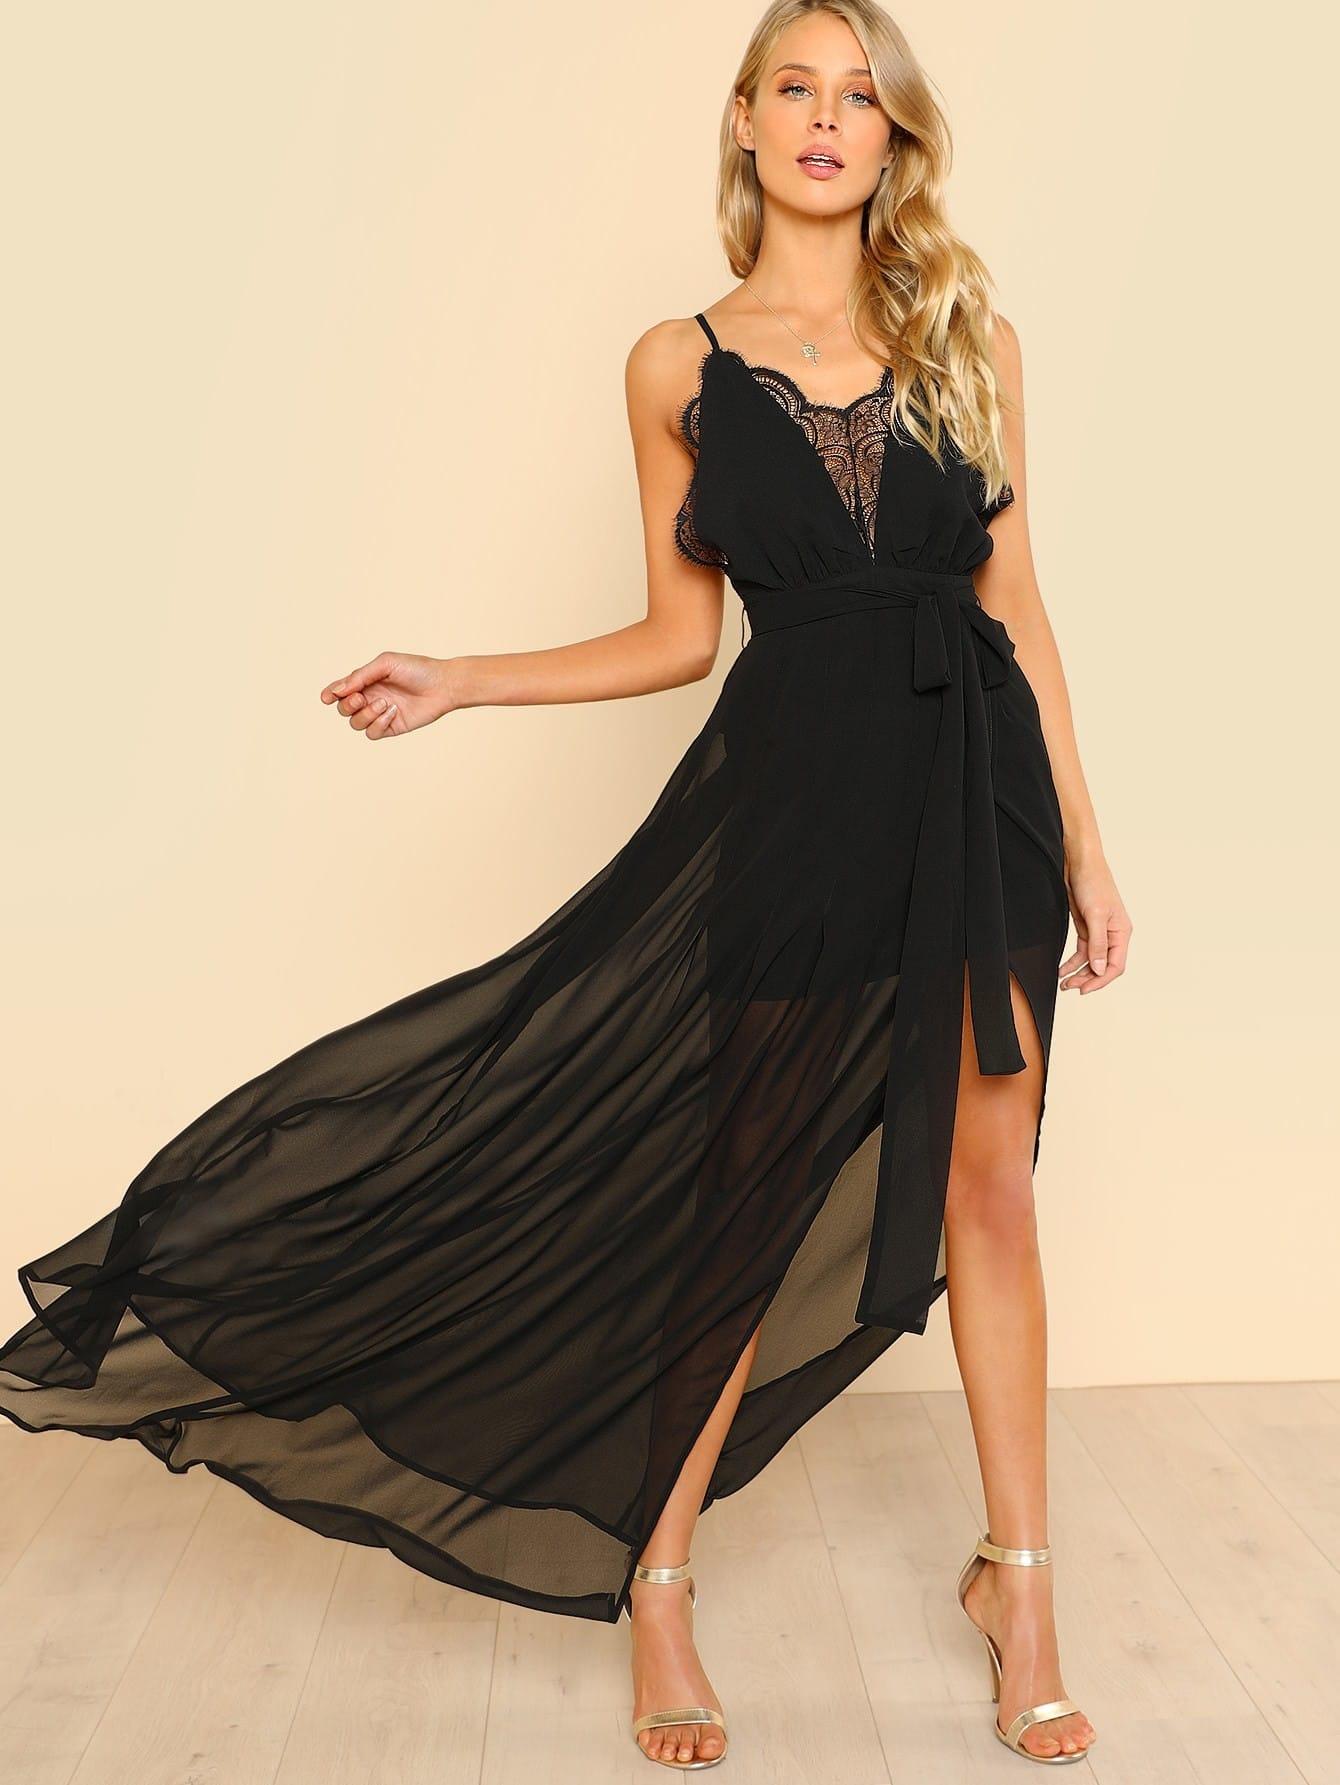 Lace Plunge Neck High Slit Cami Dress high slit lace long sheer slip dress